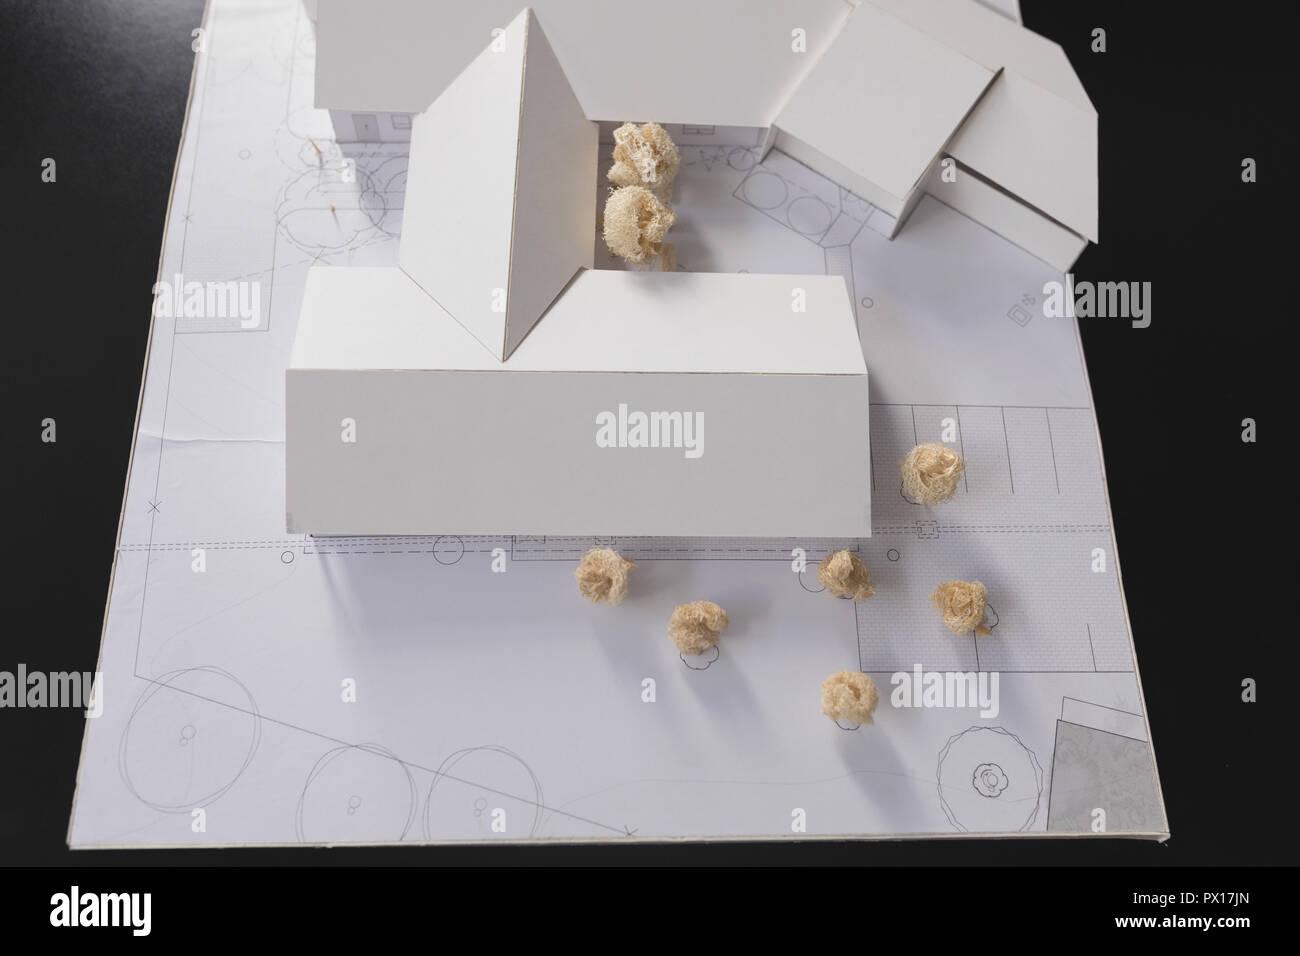 Haus Modell mit zerknittertem Papier auf dem Schreibtisch Stockbild